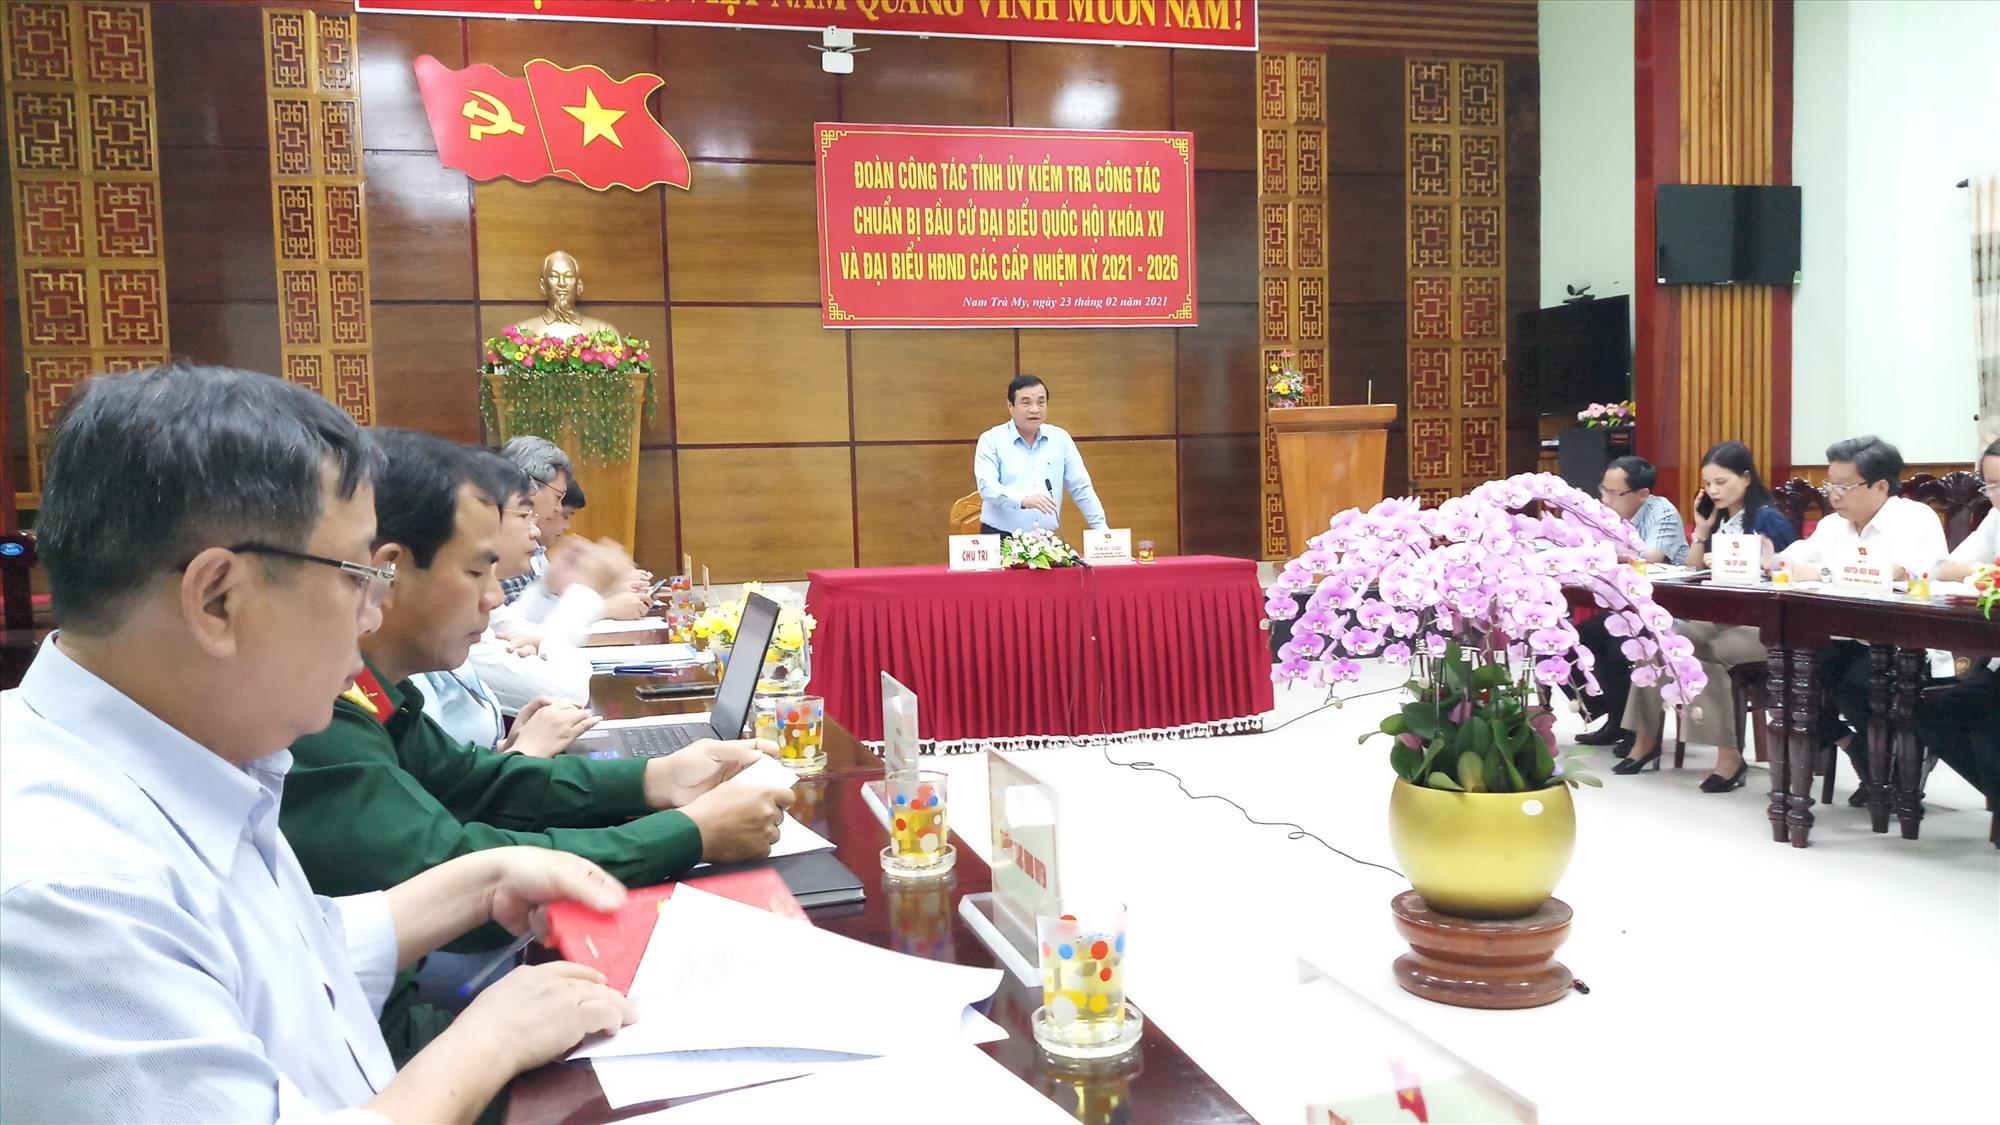 Bí thư Tỉnh ủy Phan Việt Cường phát biểu chỉ đạo tại buổi làm việc. Ảnh: A.N